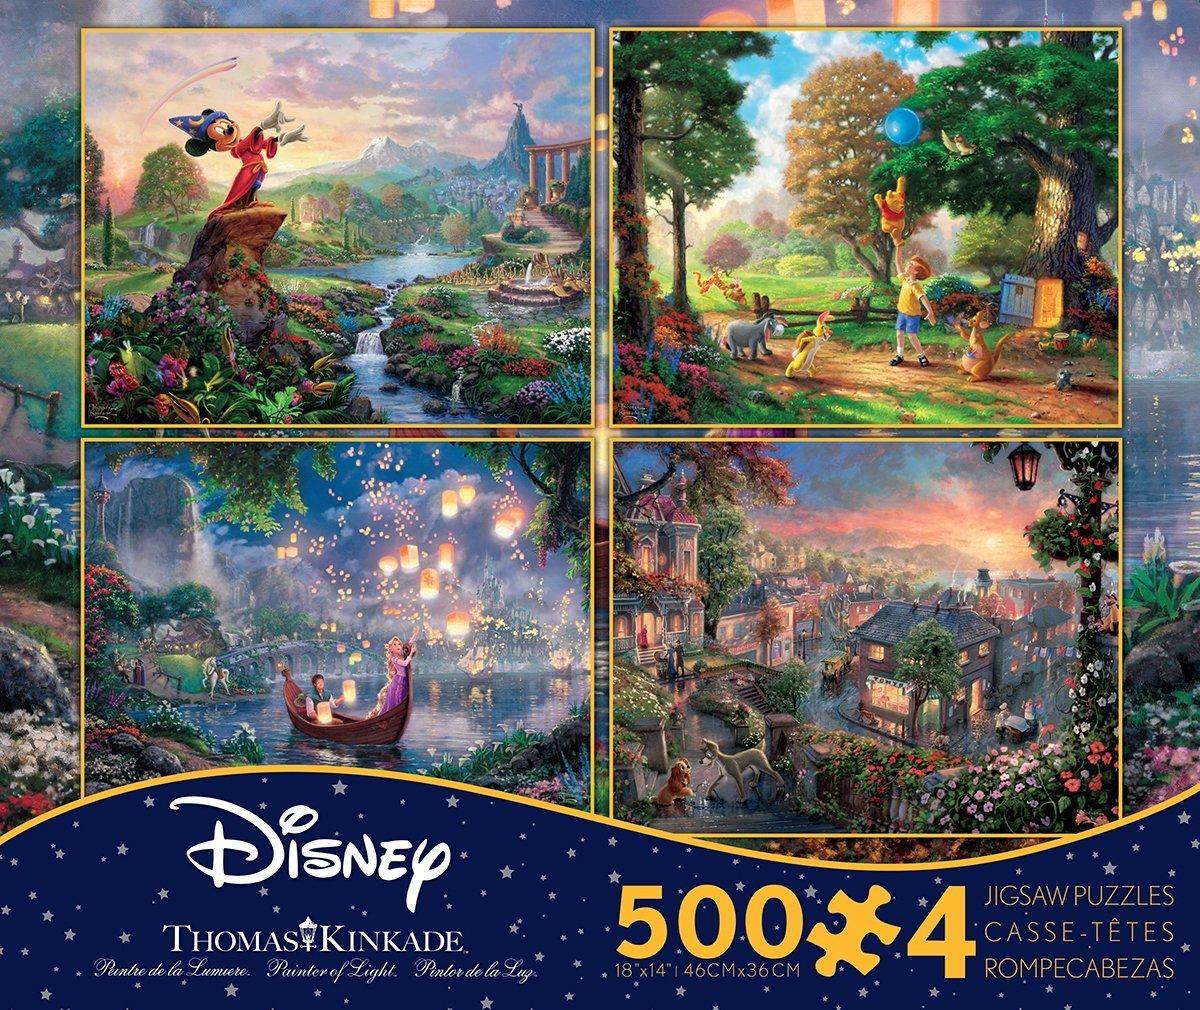 お手頃価格 Disney() 500×4  B00UXSDUYW Disney()【ミッキーマウス】【クマのプーさん】【塔の上のラプンェル】【わんわん物語】 作画 (並行輸入品) B00UXSDUYW, イーモノ:dd7c4565 --- a0267596.xsph.ru